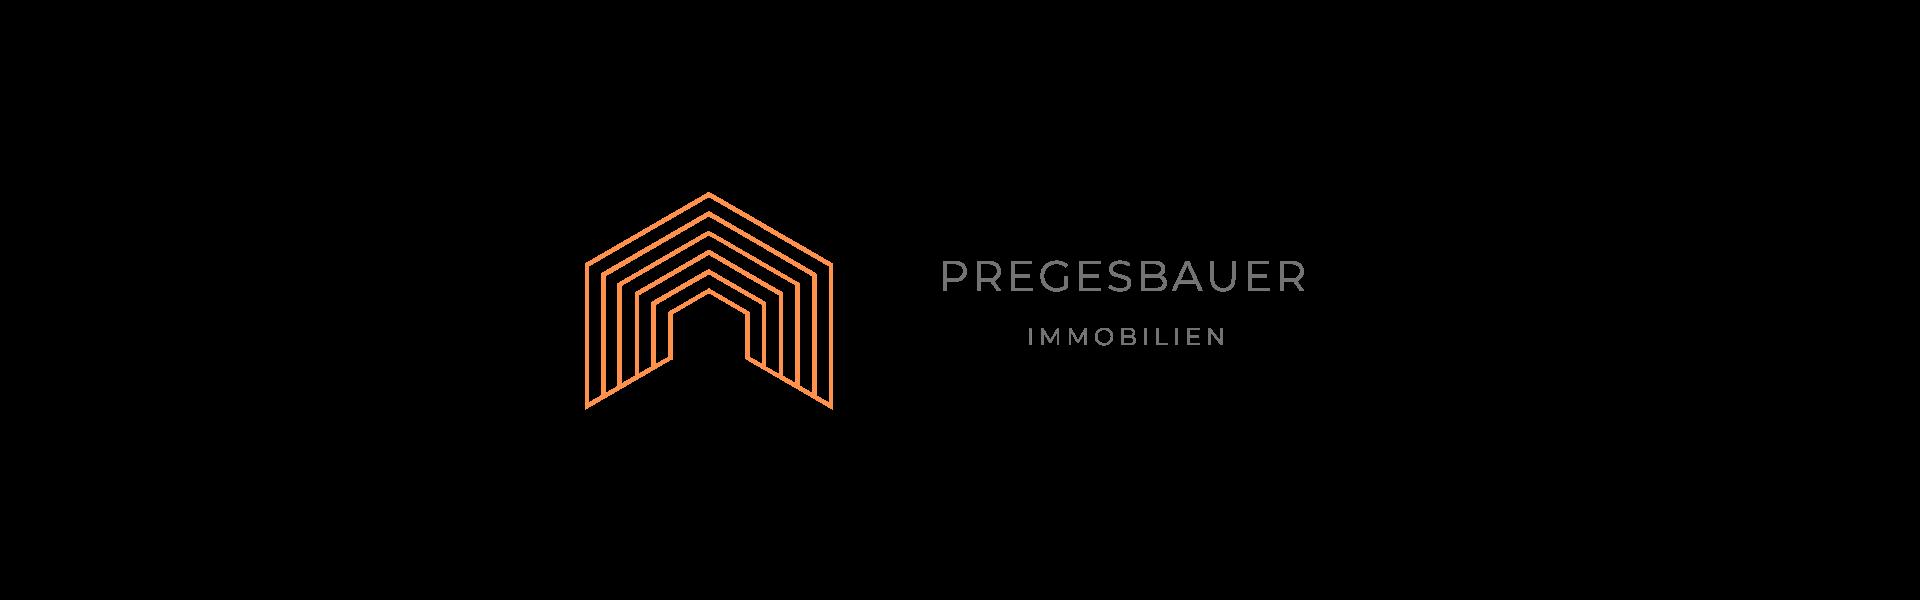 Pregesbauer Immobilien | Ihre Liegenschaftsvermittlung - Ihre Immobilienmakler in Wien und Weinviertel